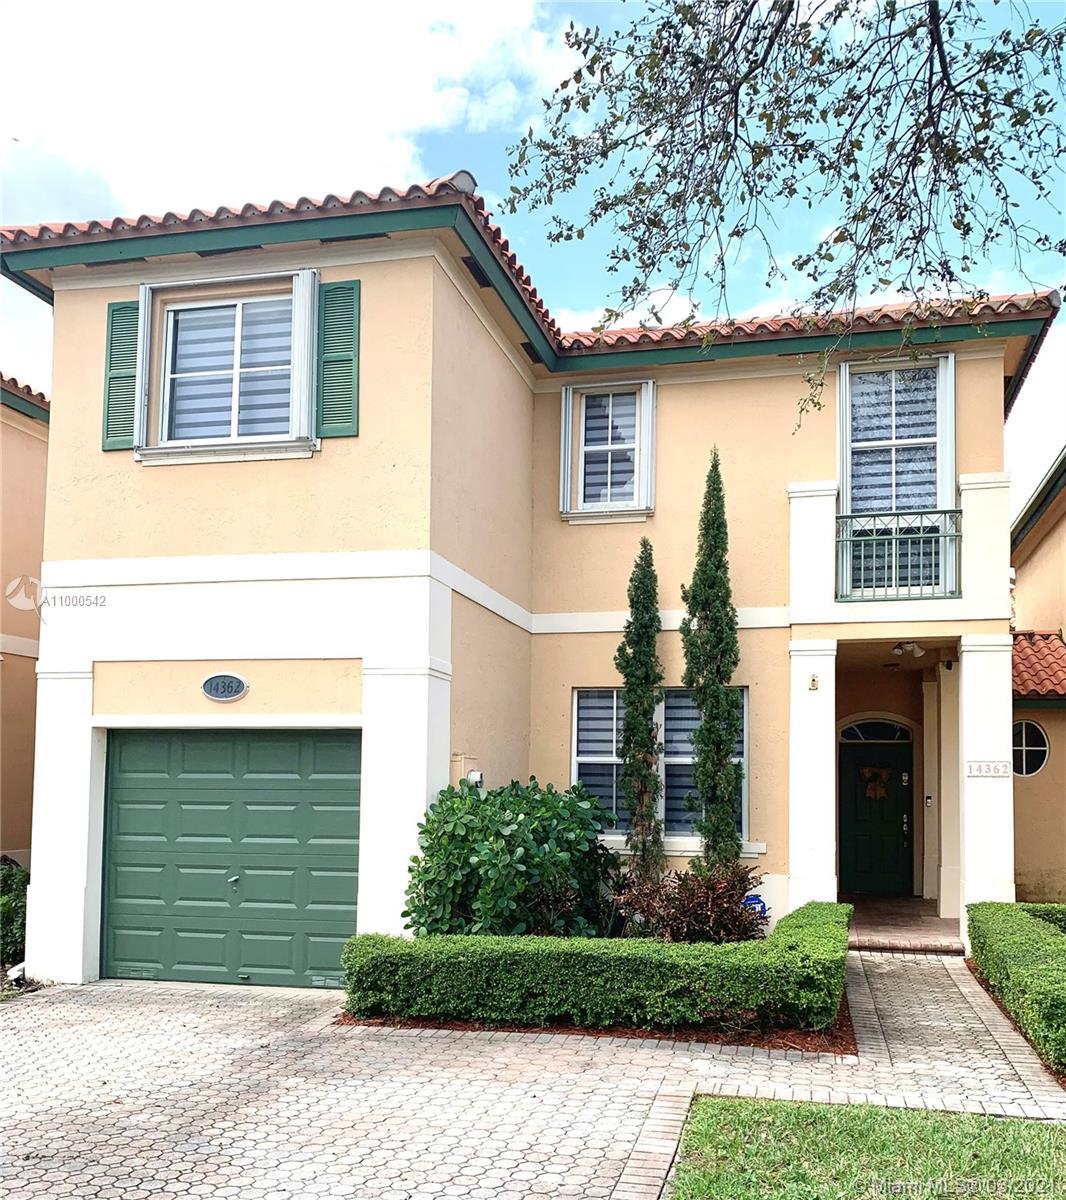 Miami Lakes - 14362 NW 83rd Ave, Miami Lakes, FL 33016